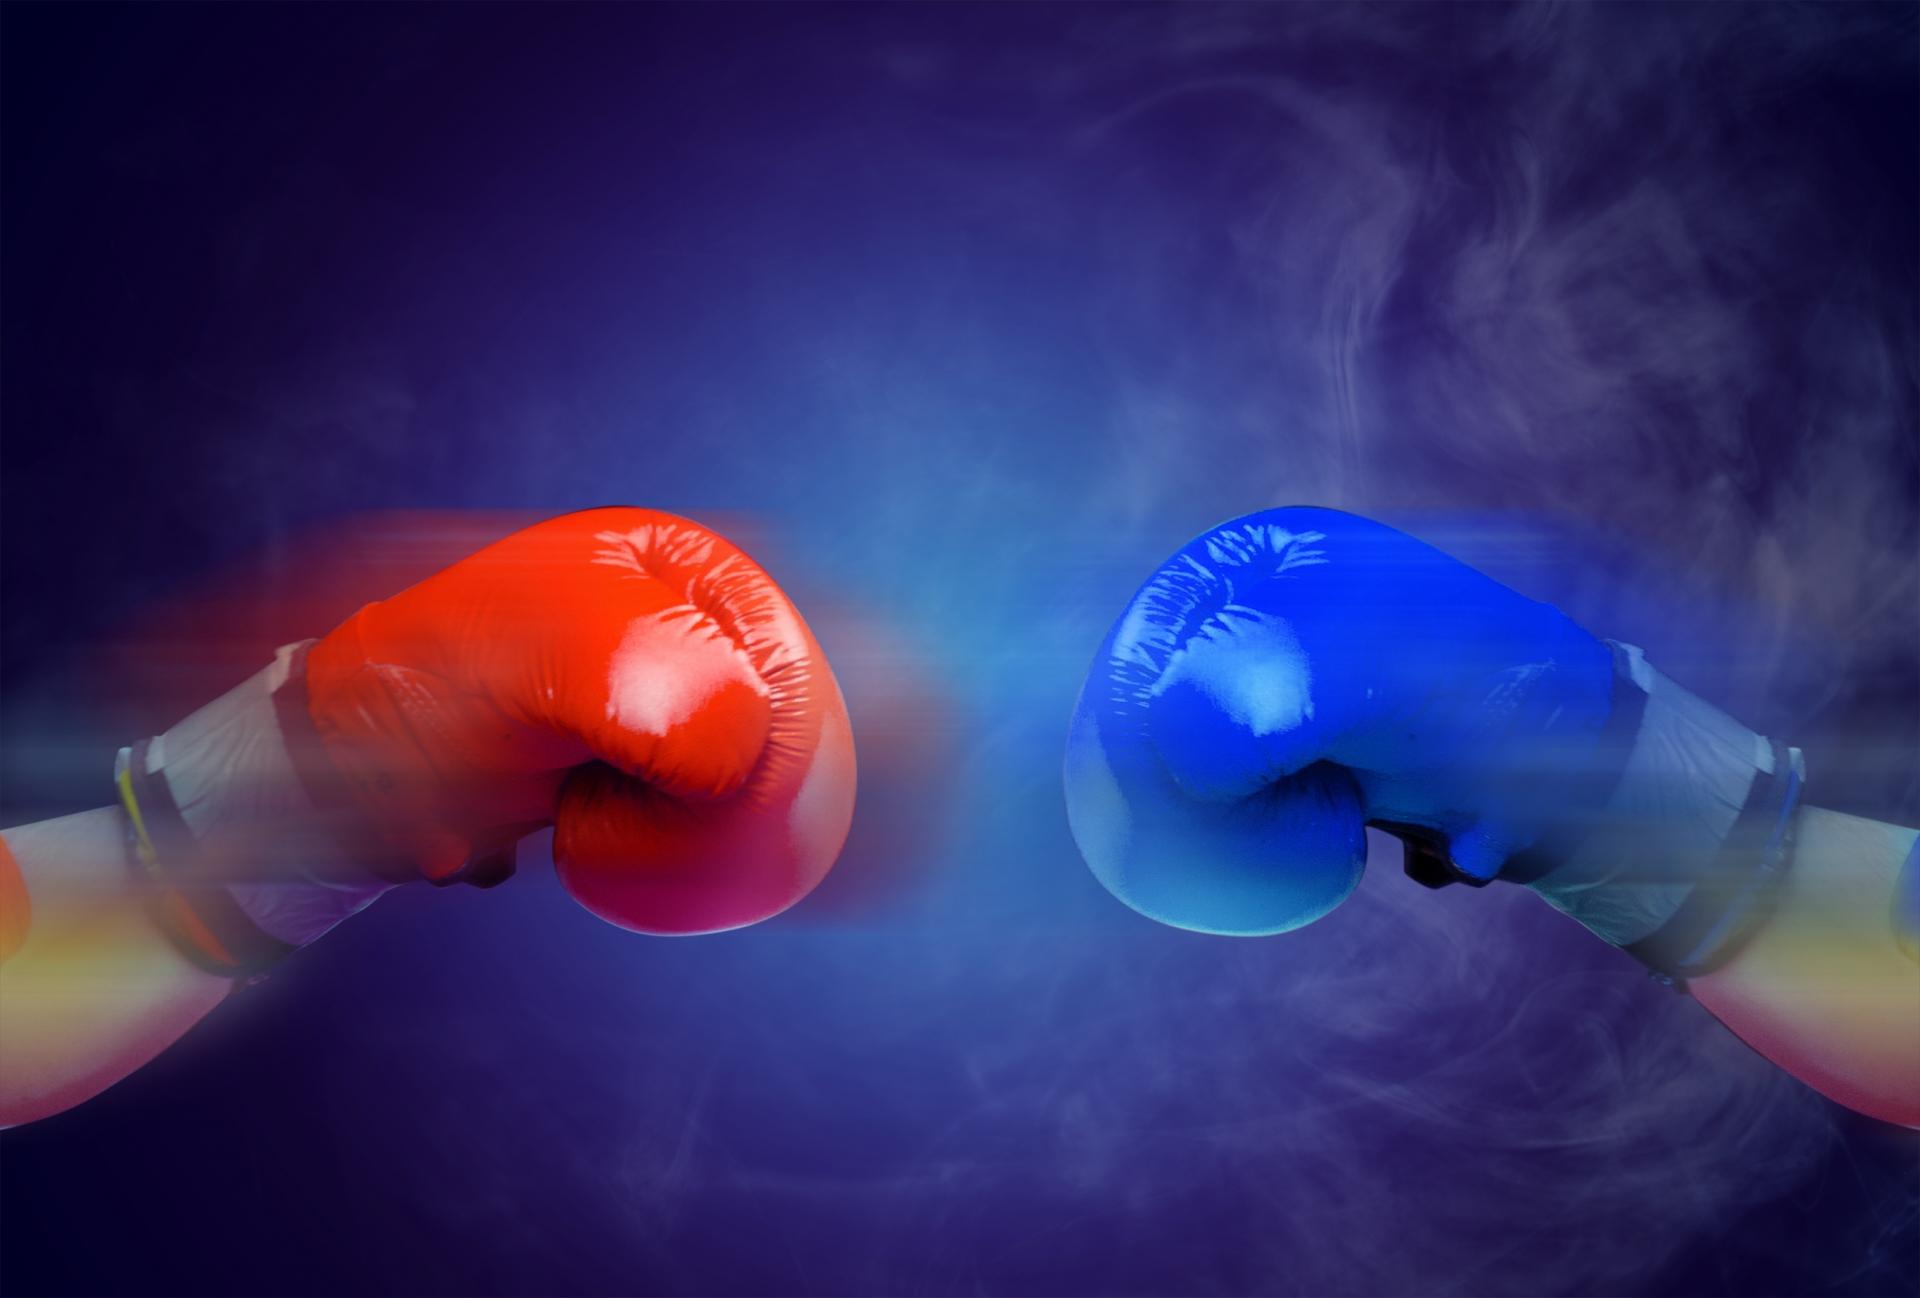 ボクシングのルールの中でもわかりにくいダウンについて徹底解説